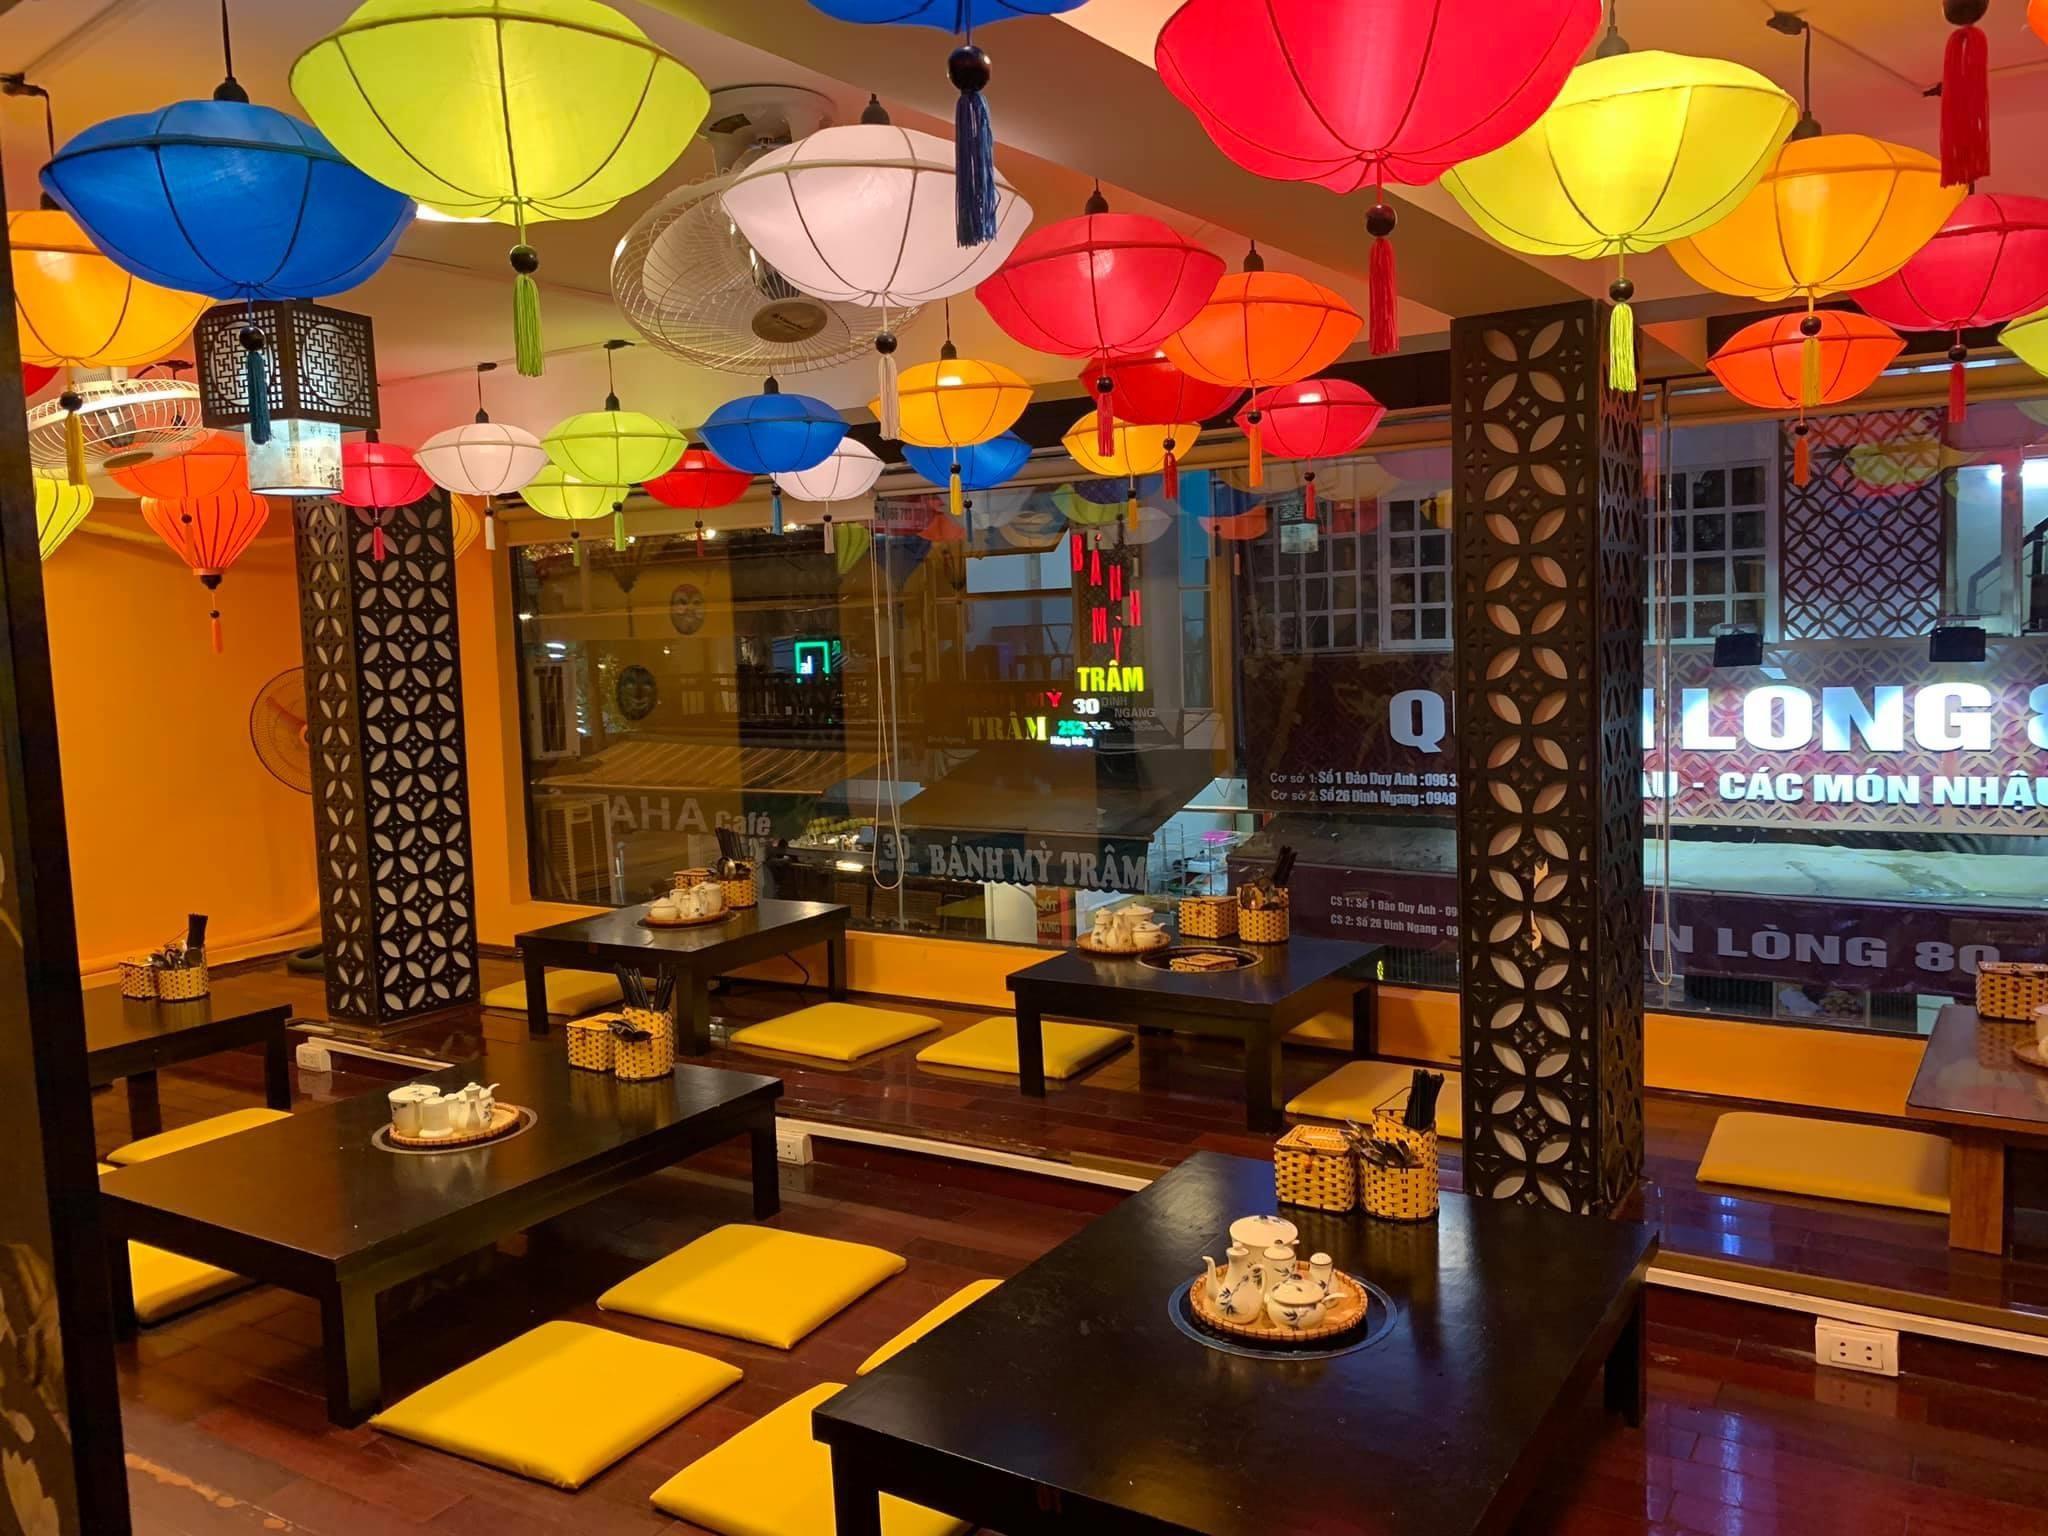 Hình ảnh nhà hàng